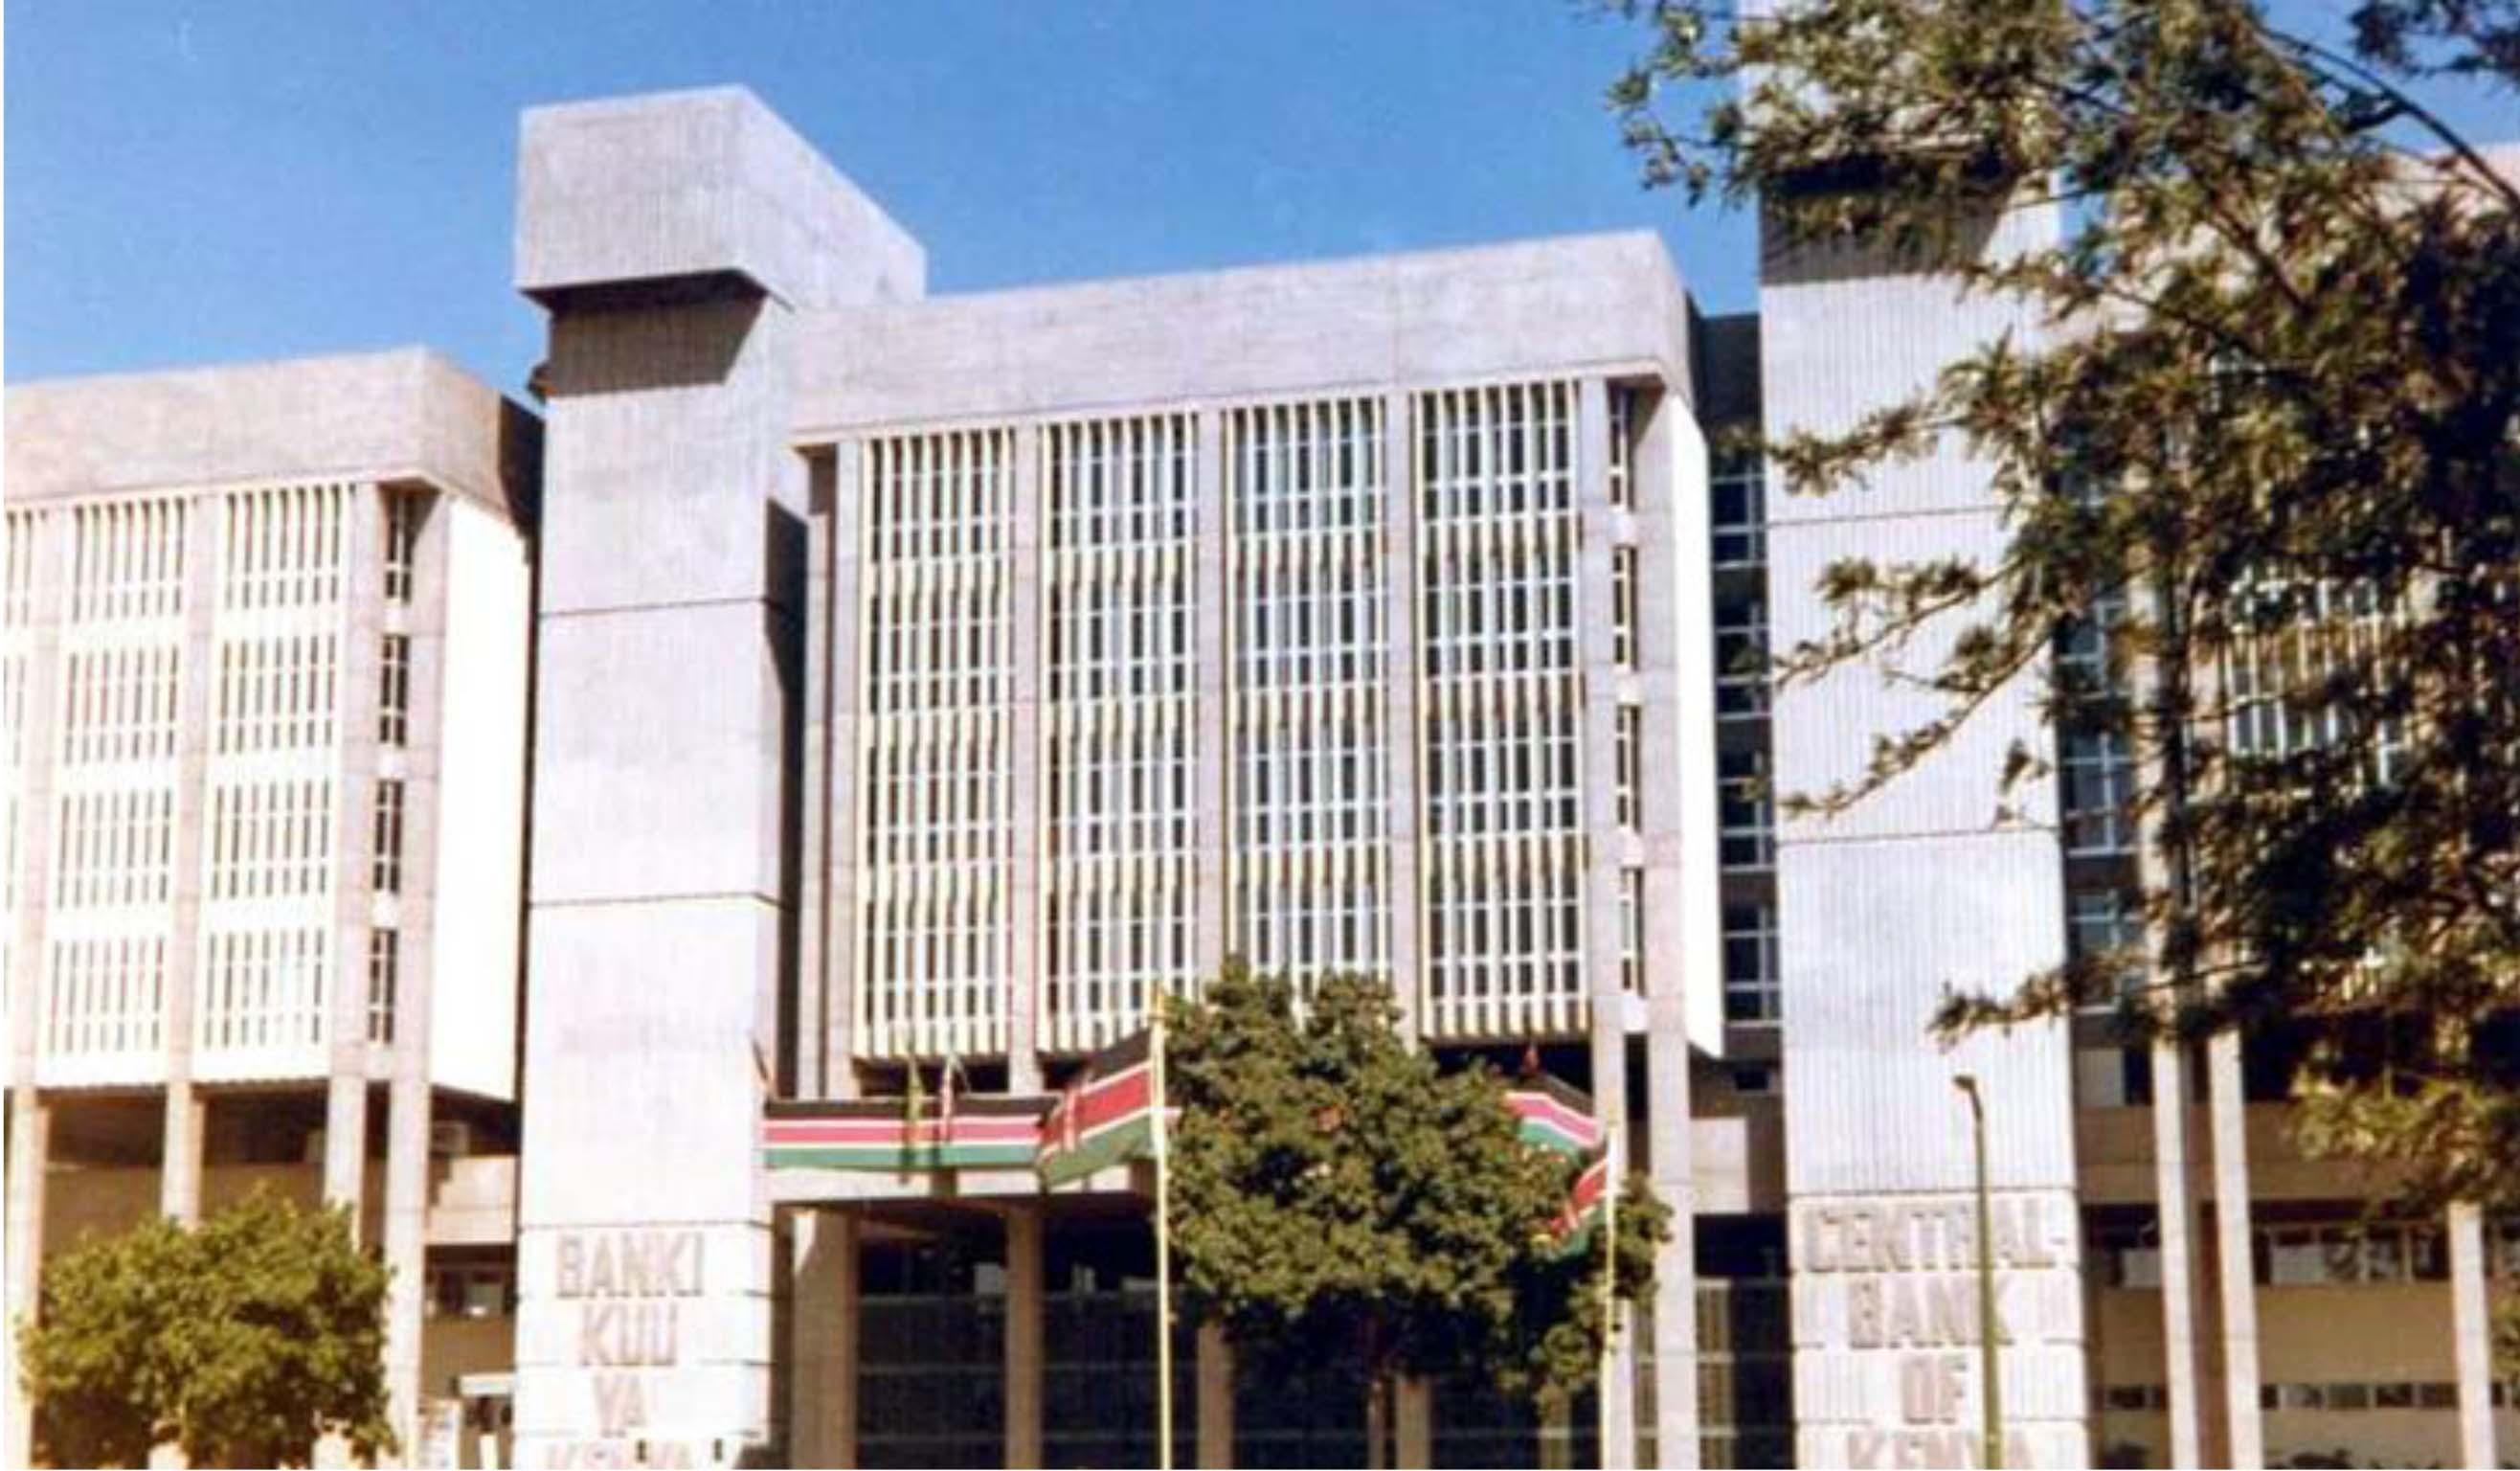 CENTRAL BANK, KENYA